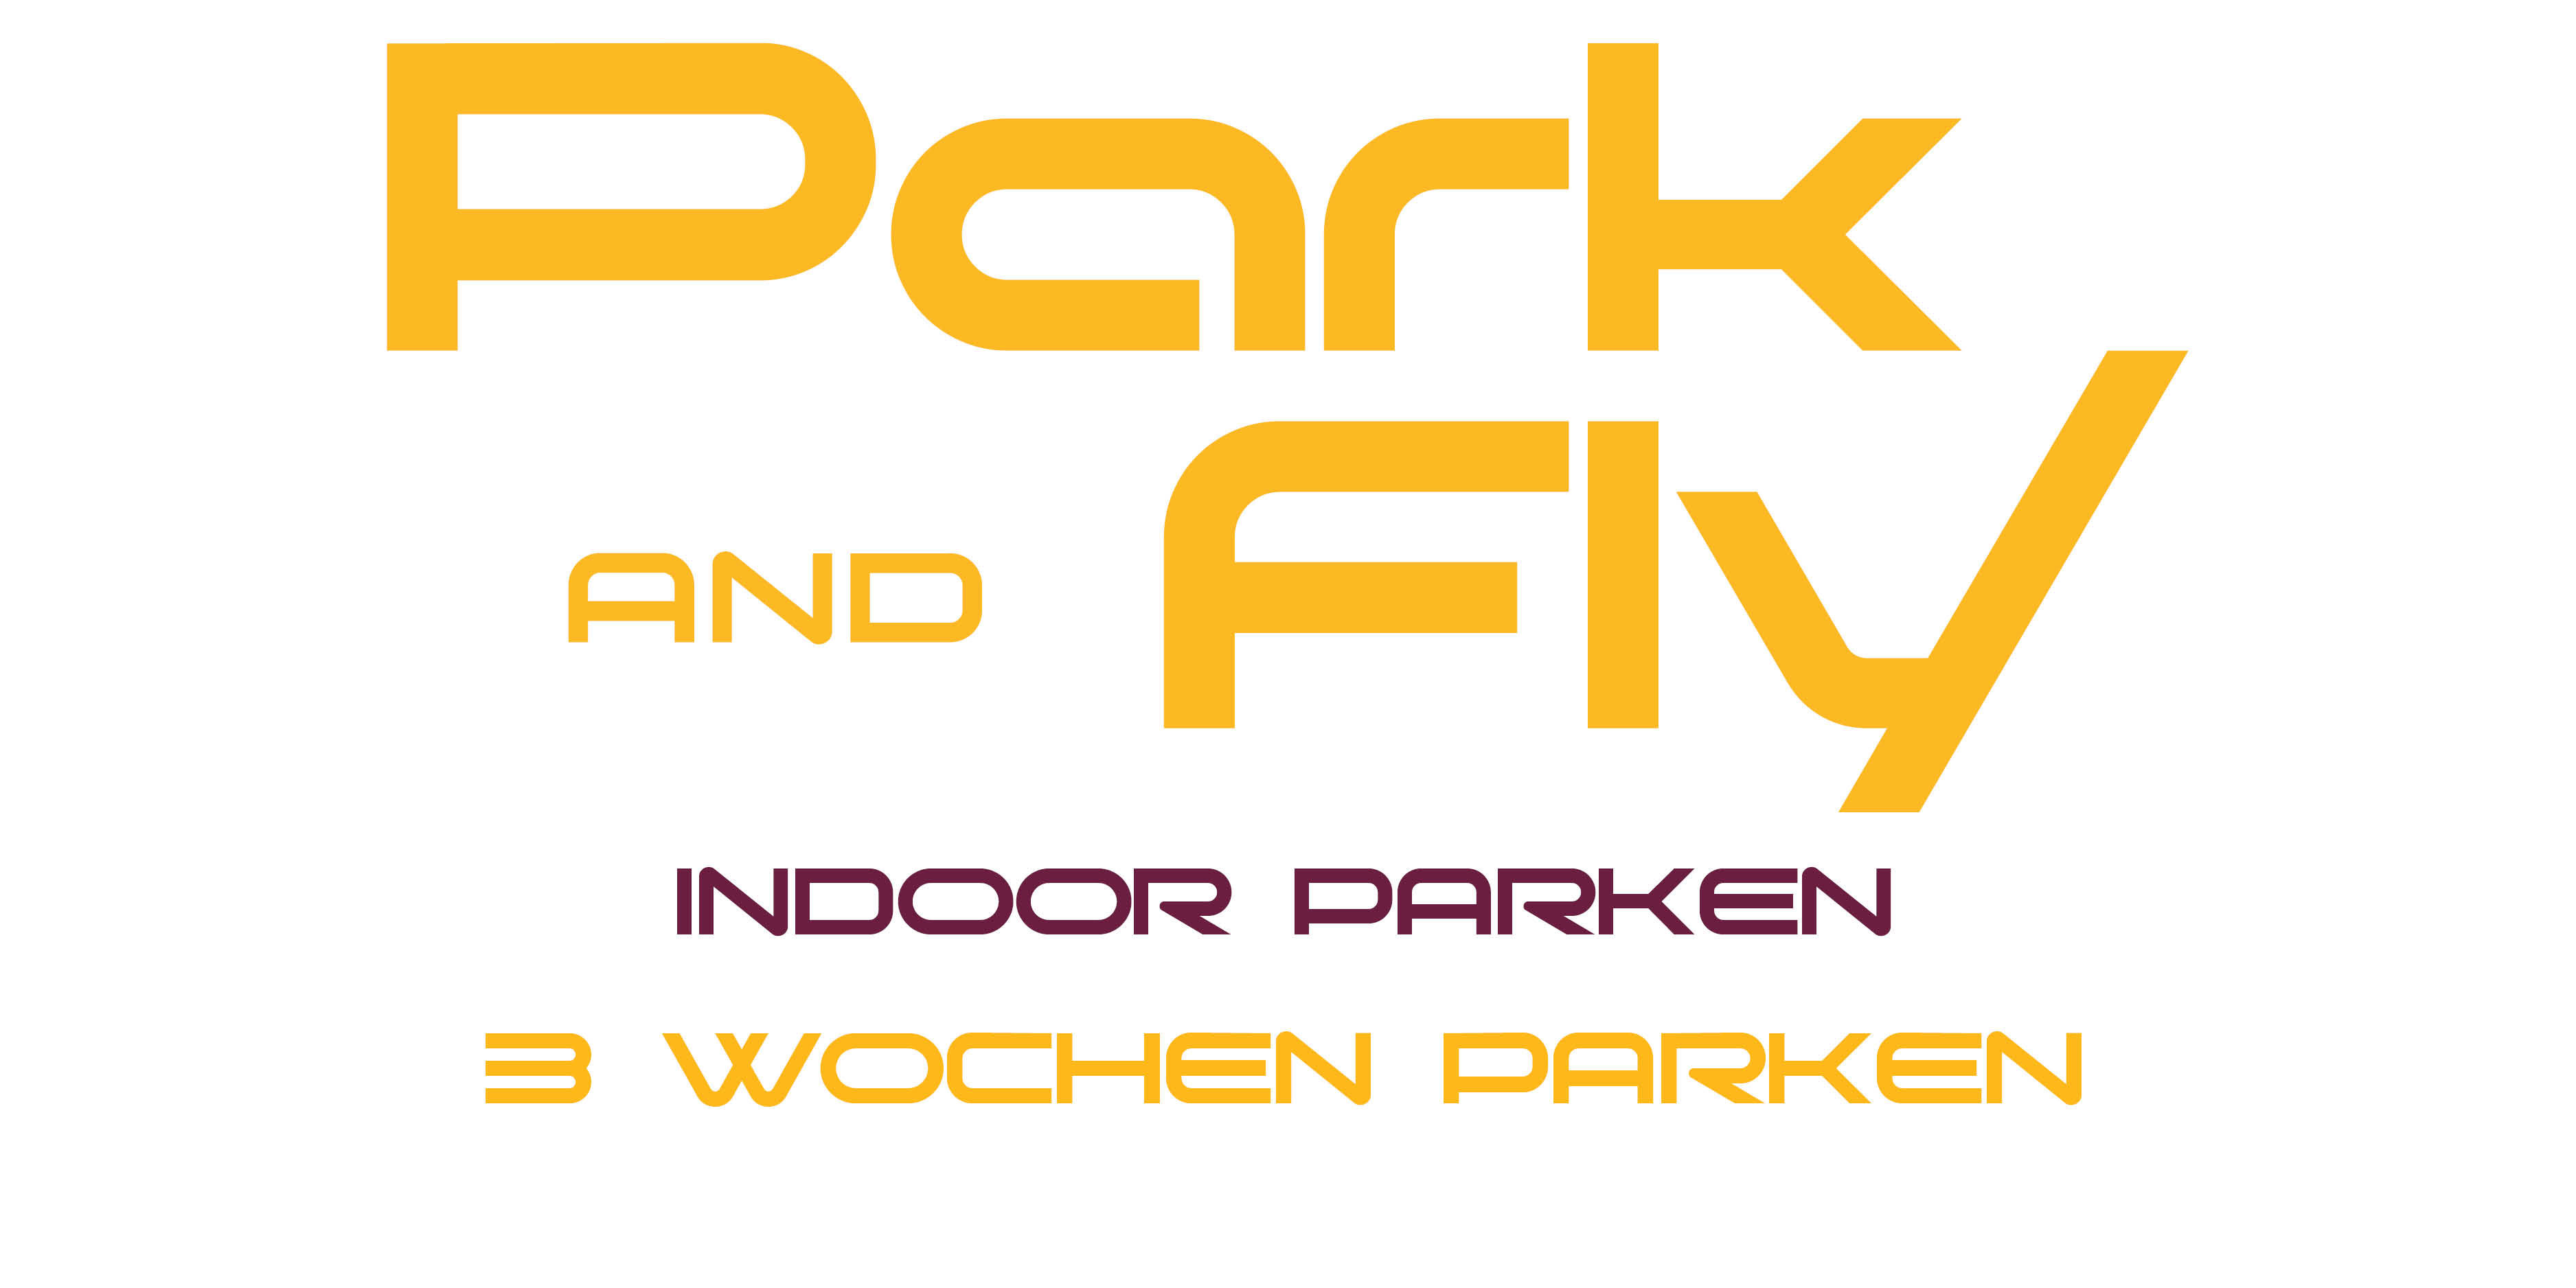 3 Wochen parken am Salzburger Flughafen